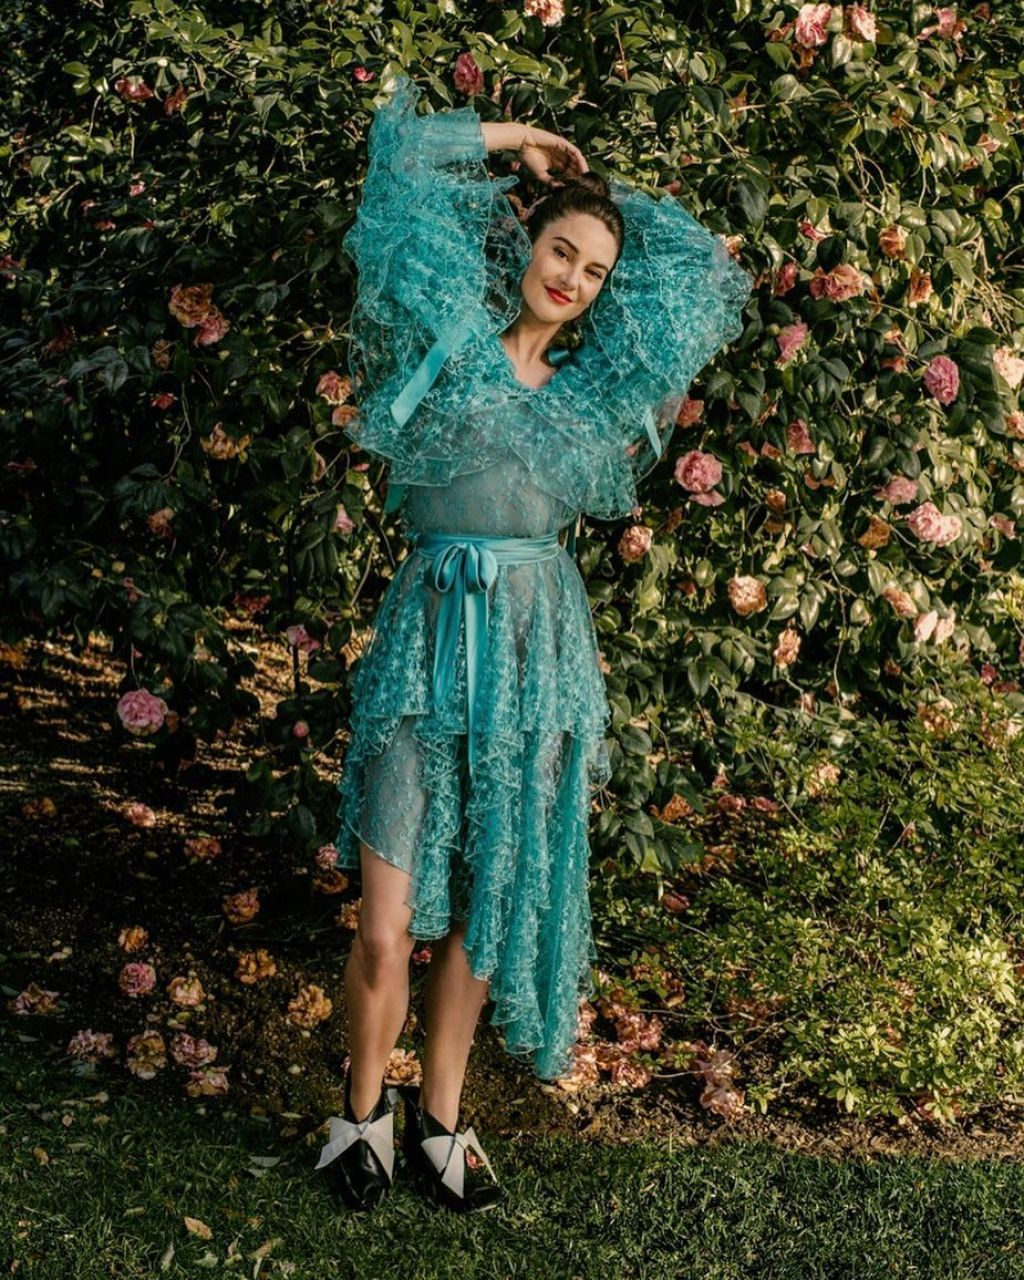 Shailene Woodley Photoshoot for InStyle Magazine April 2019